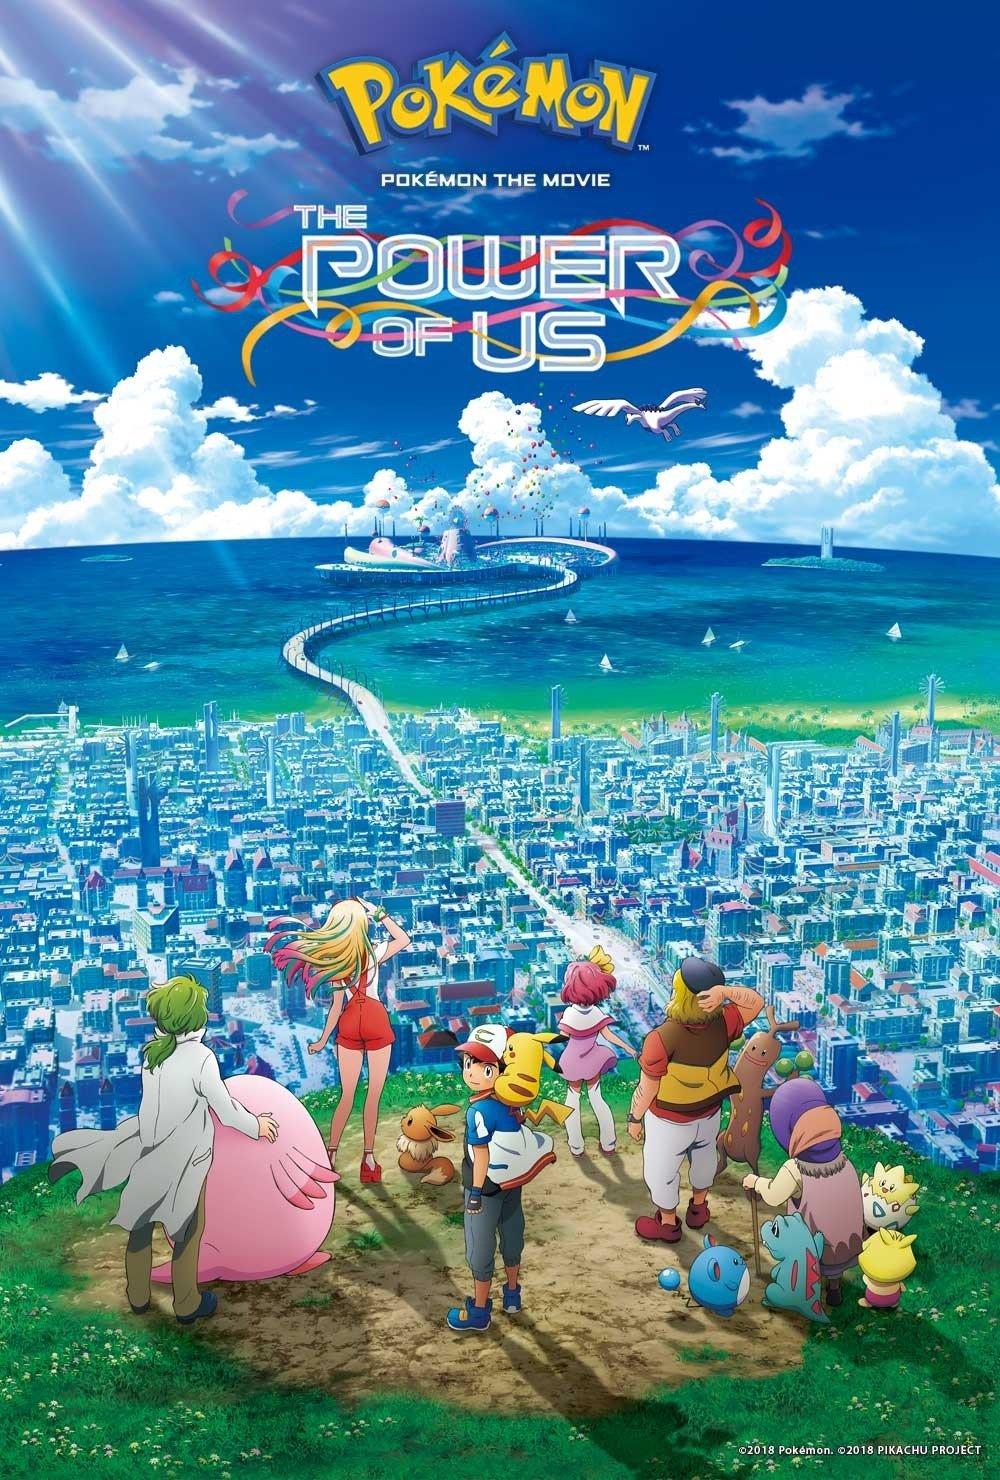 Pokemon Movie 21 The Power of Us (2018) โปเกมอน เดอะ มูฟวี เรื่องราวแห่งผองเรา